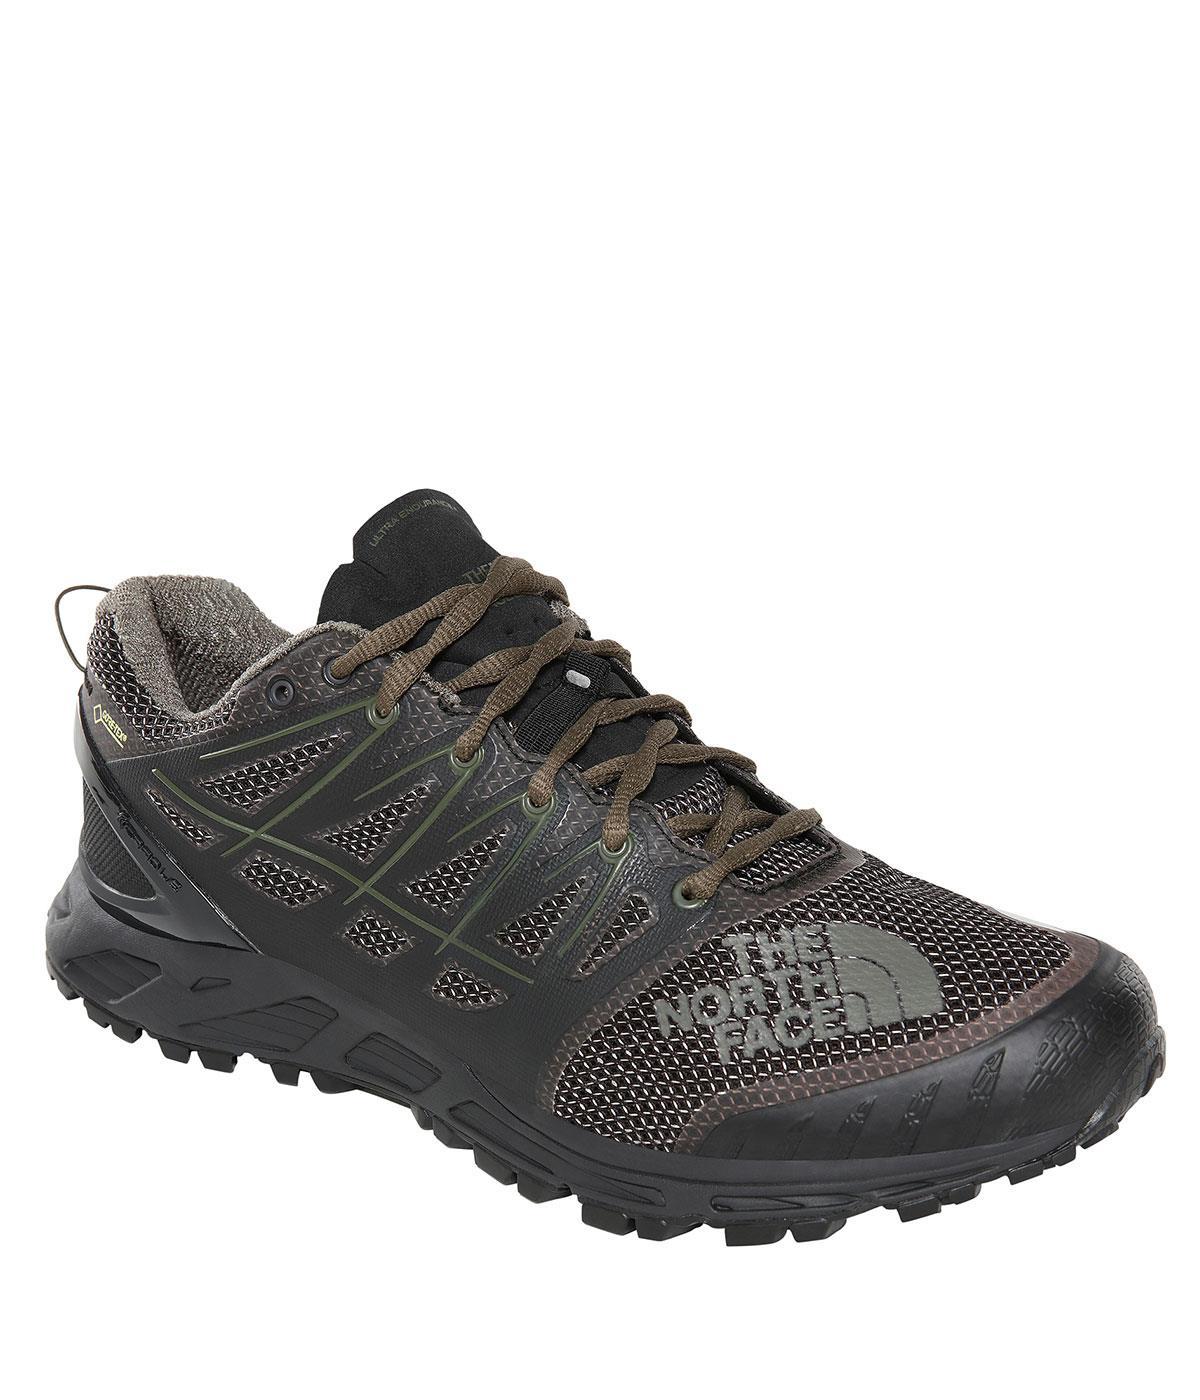 The Northface Erkek Ultra Endrnc 2 Gtx ayakkabı Nf0A3Fxs2Tx1